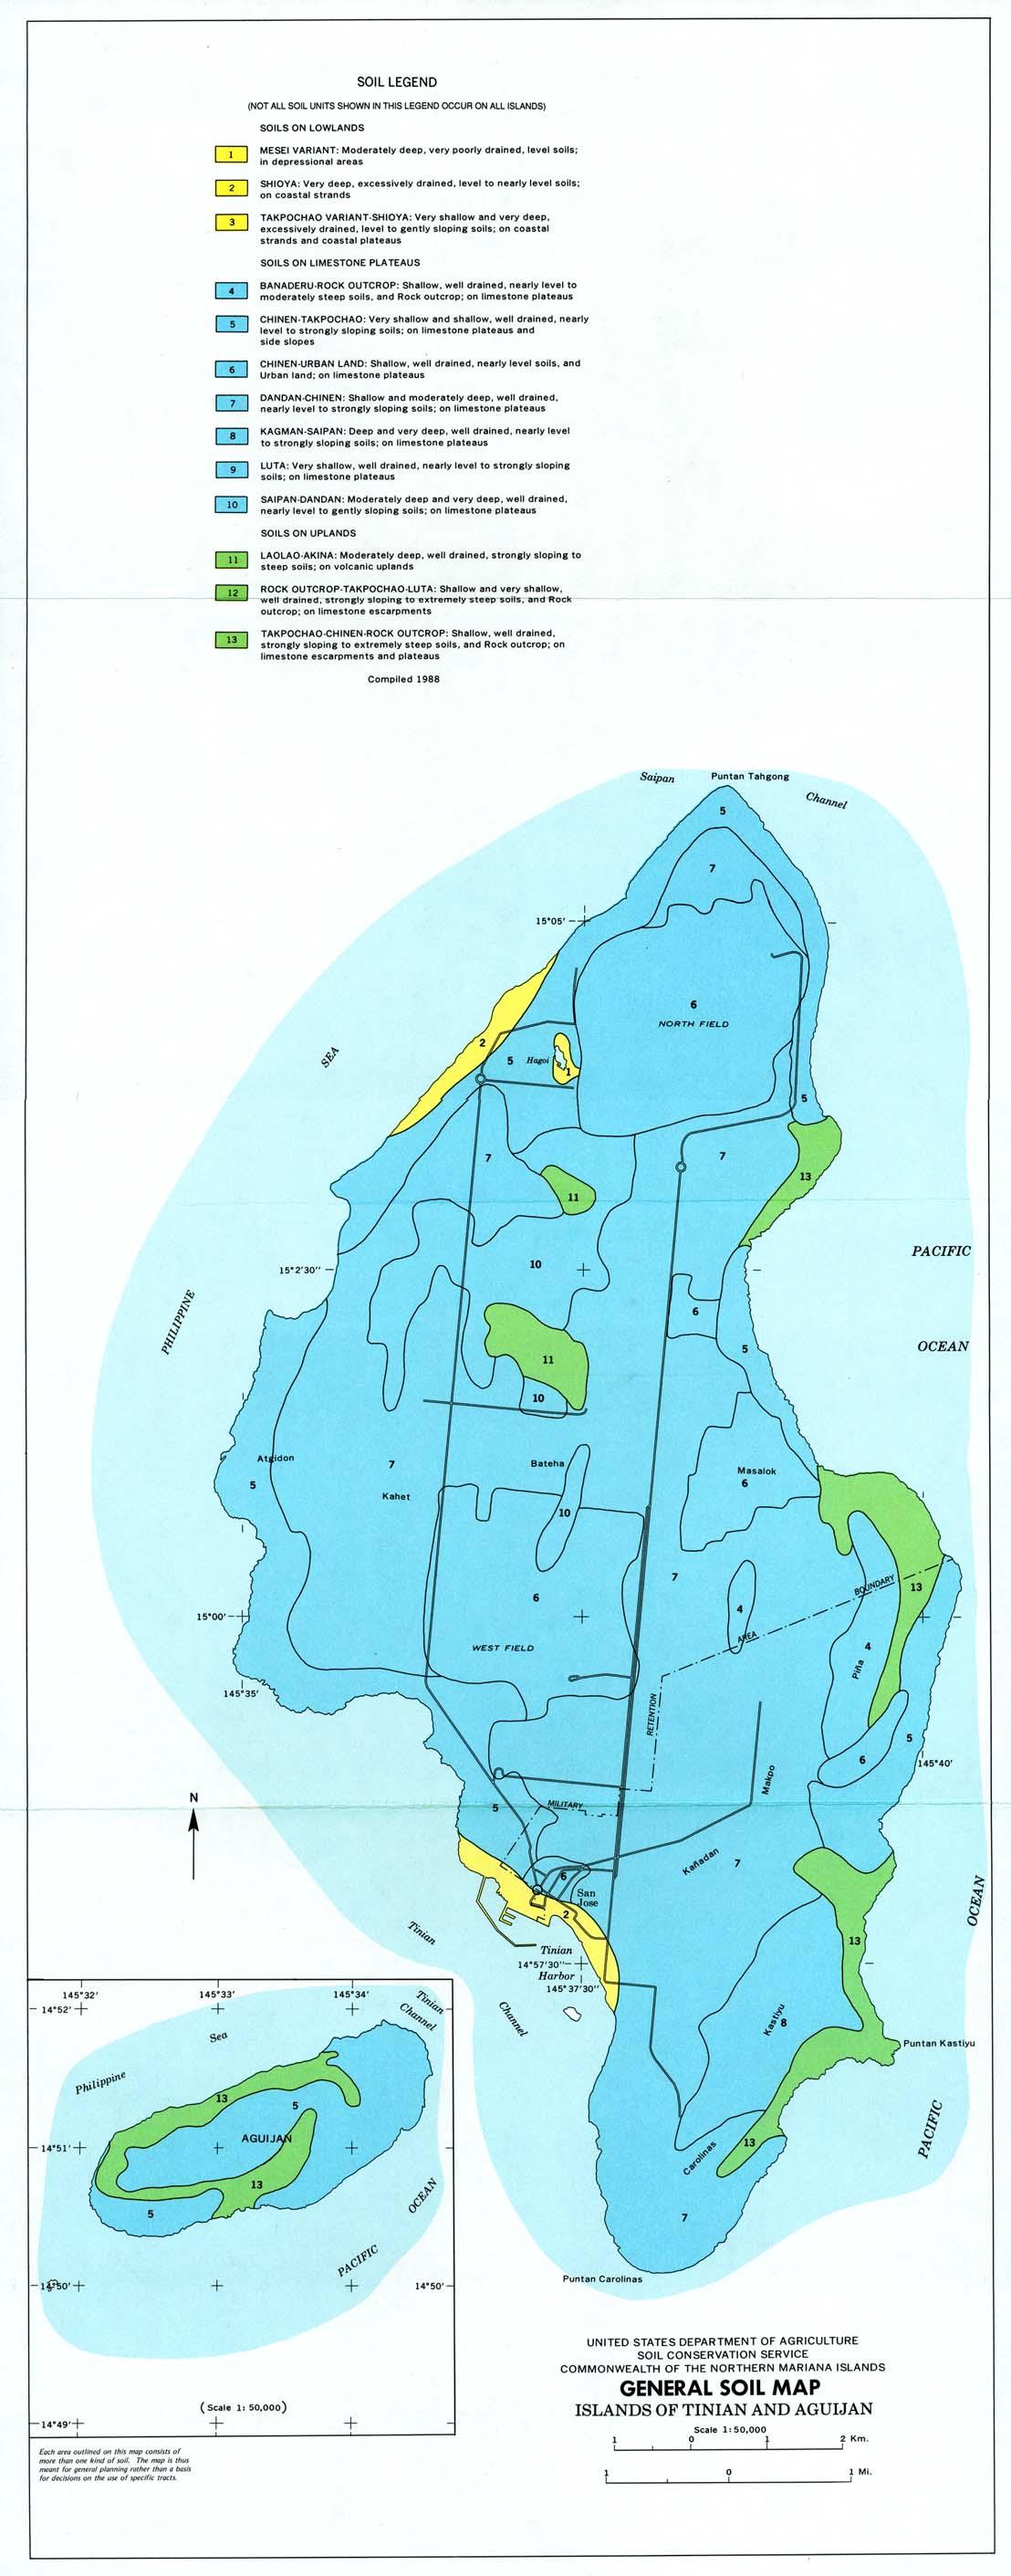 Mapa General de los Suelos de Tinian y Aguijan, Islas Marianas del Norte